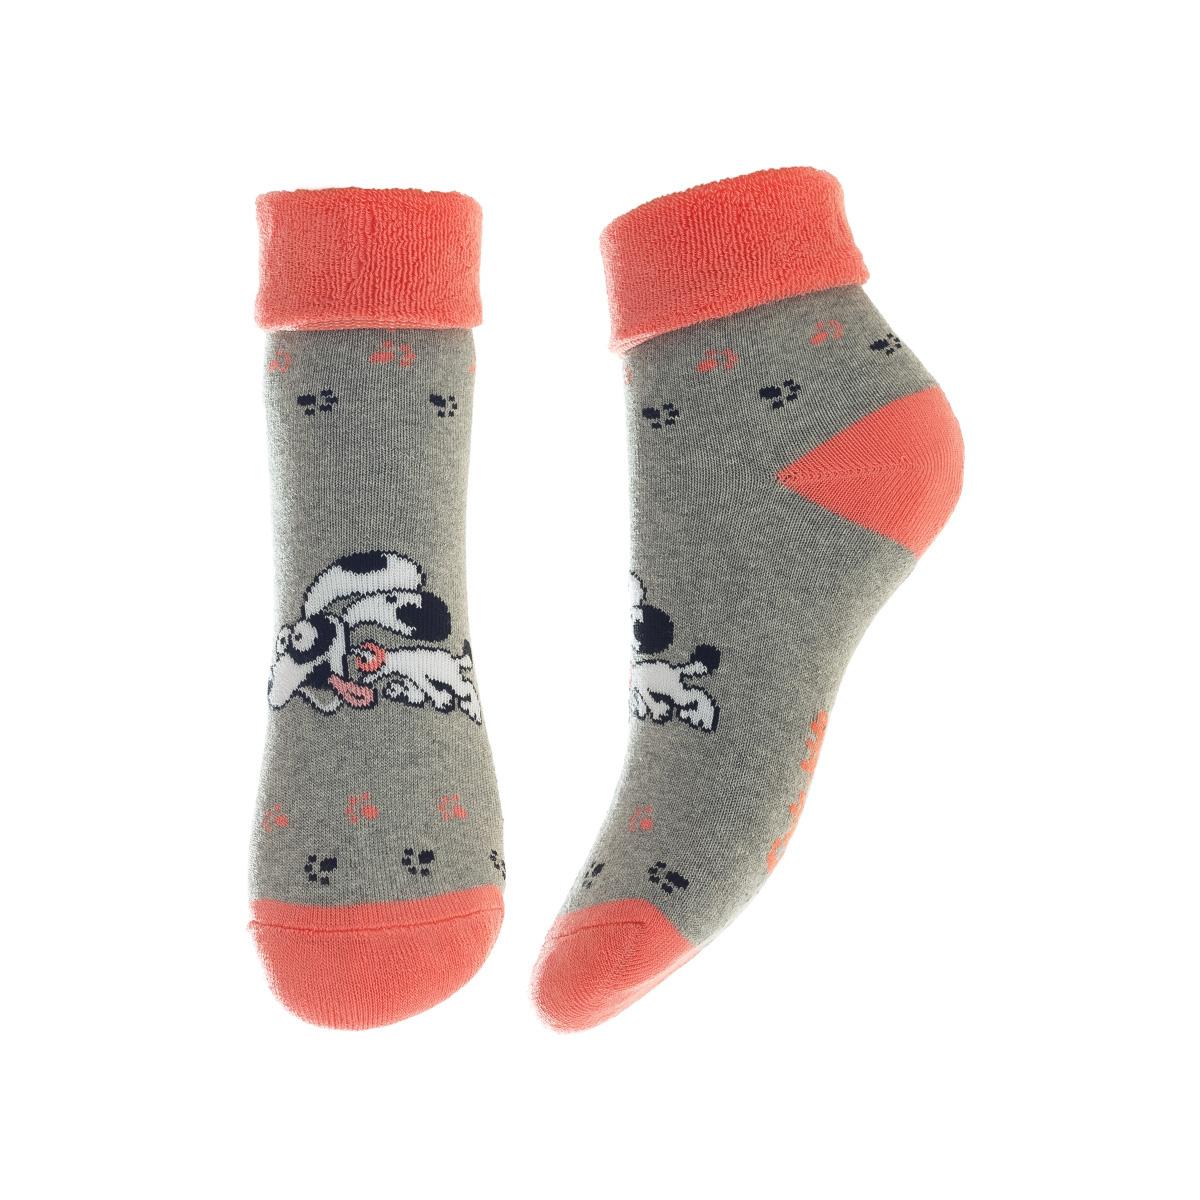 НоскиSOFTIKI22320-236Удобные носочки для девочки Conte-Kids Sof-tiki, изготовленные из высококачественного комбинированного материала, очень мягкие и приятные на ощупь, позволяют коже дышать. Модель оформлена махровым отворотом на паголенке и эластичной резинкой, которая плотно облегает ногу, обеспечивая комфорт и удобство.